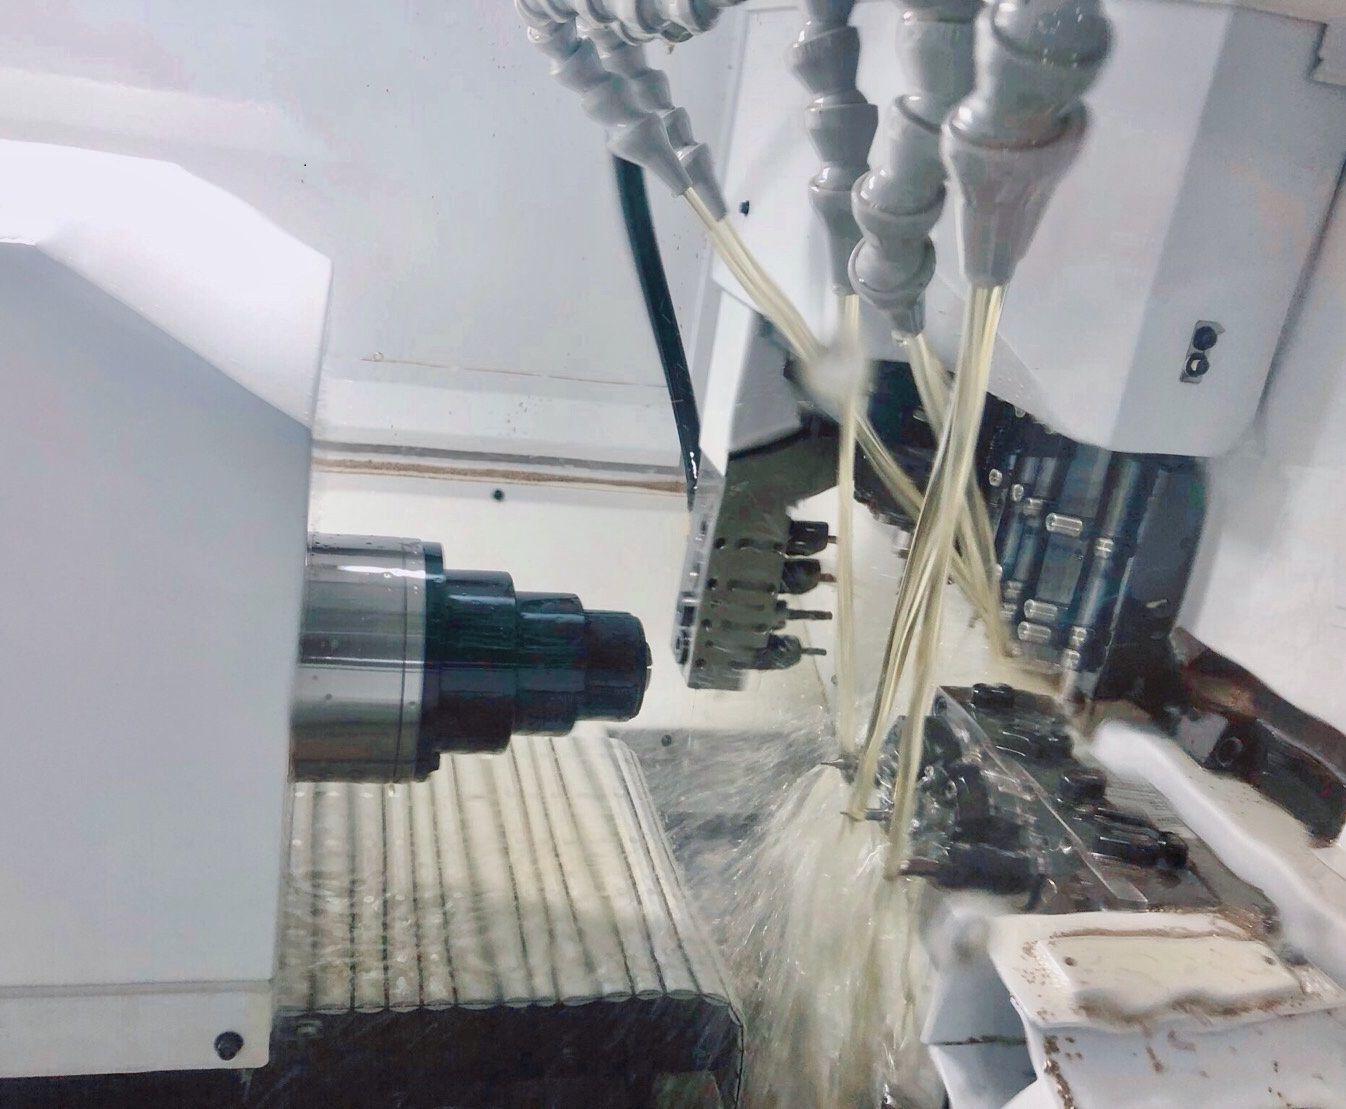 Un fabricant de connecteurs de précision